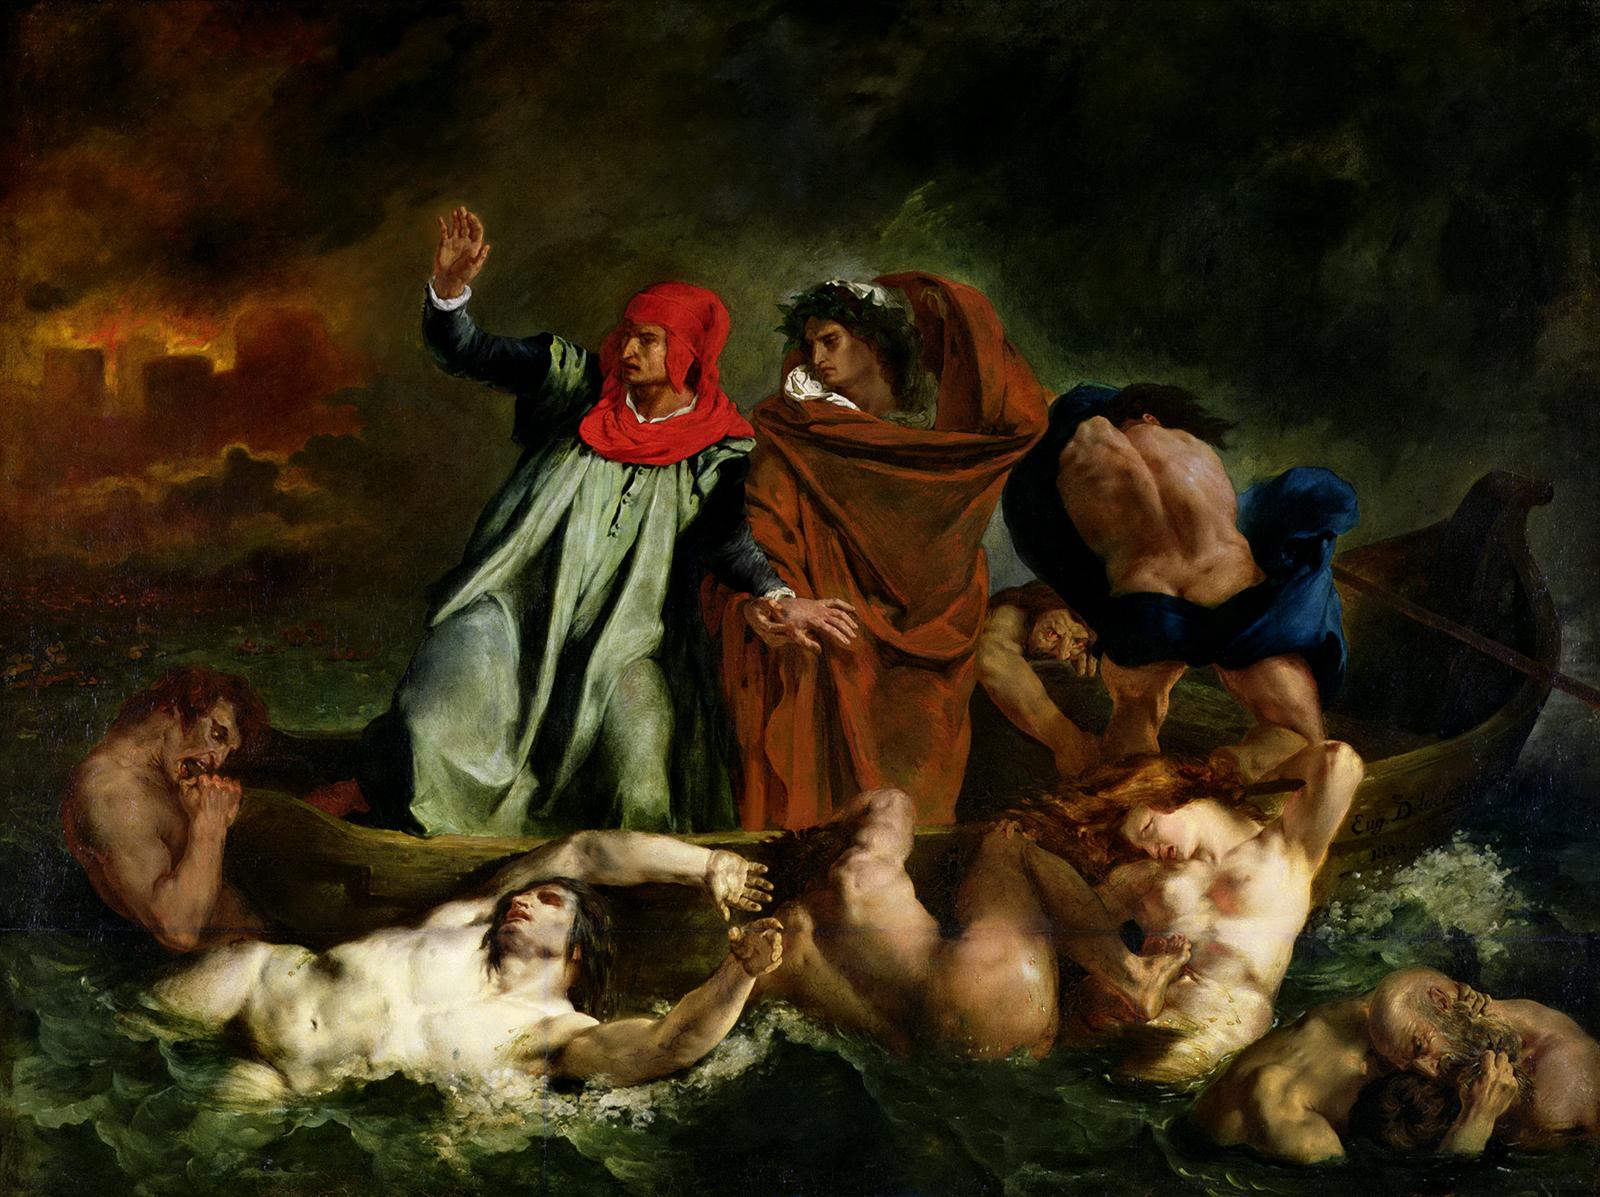 Eugène_Delacroix La Barque de Dante (1822) d'purb dpurb site web.jpg